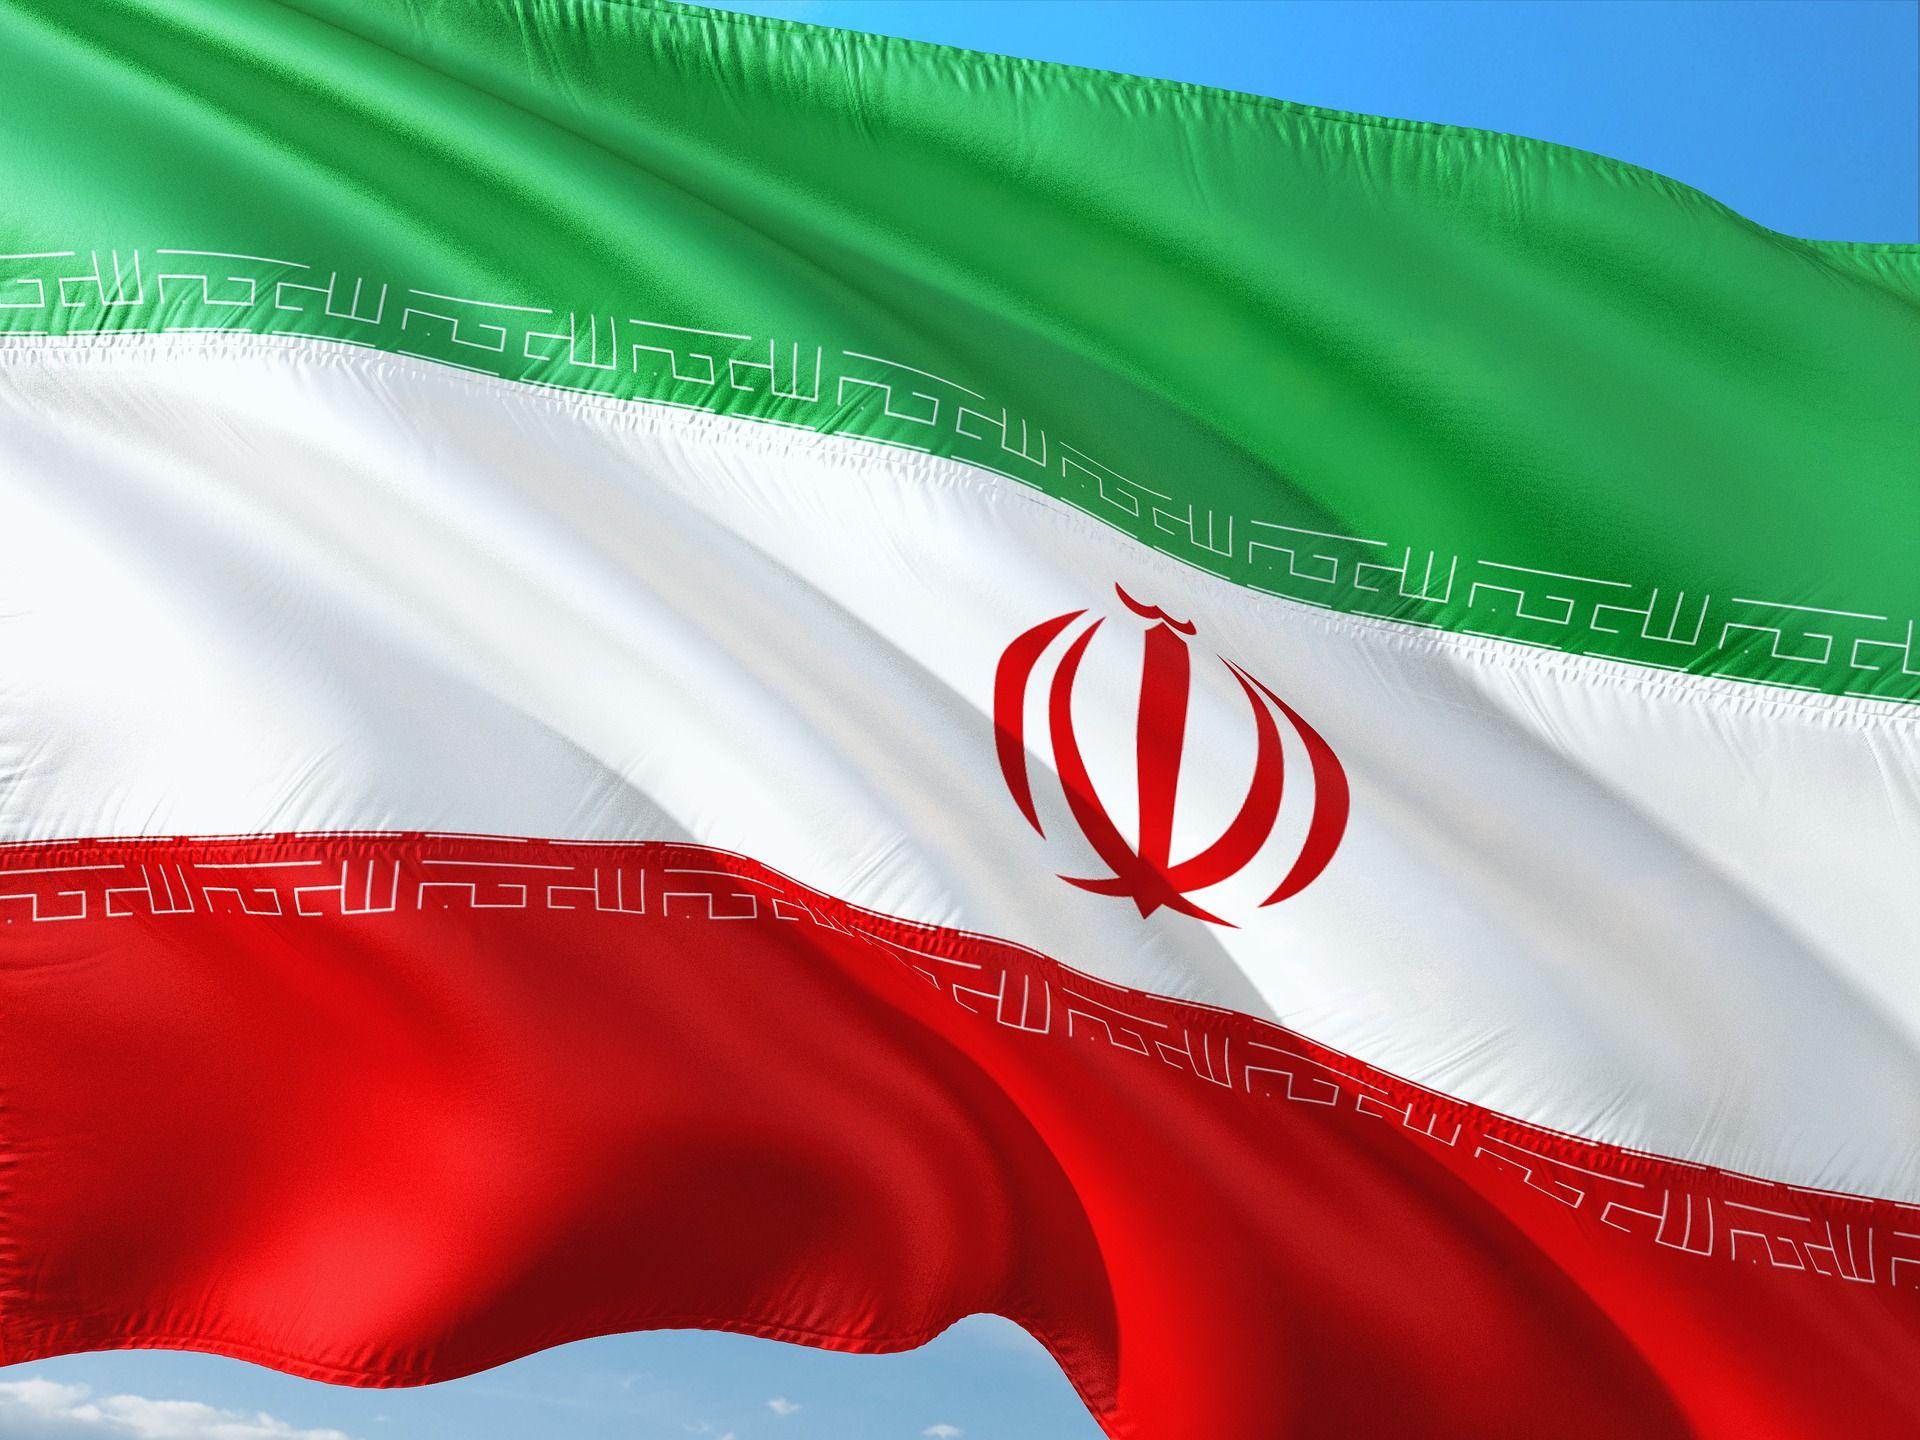 Krah američke politike prema Iranu